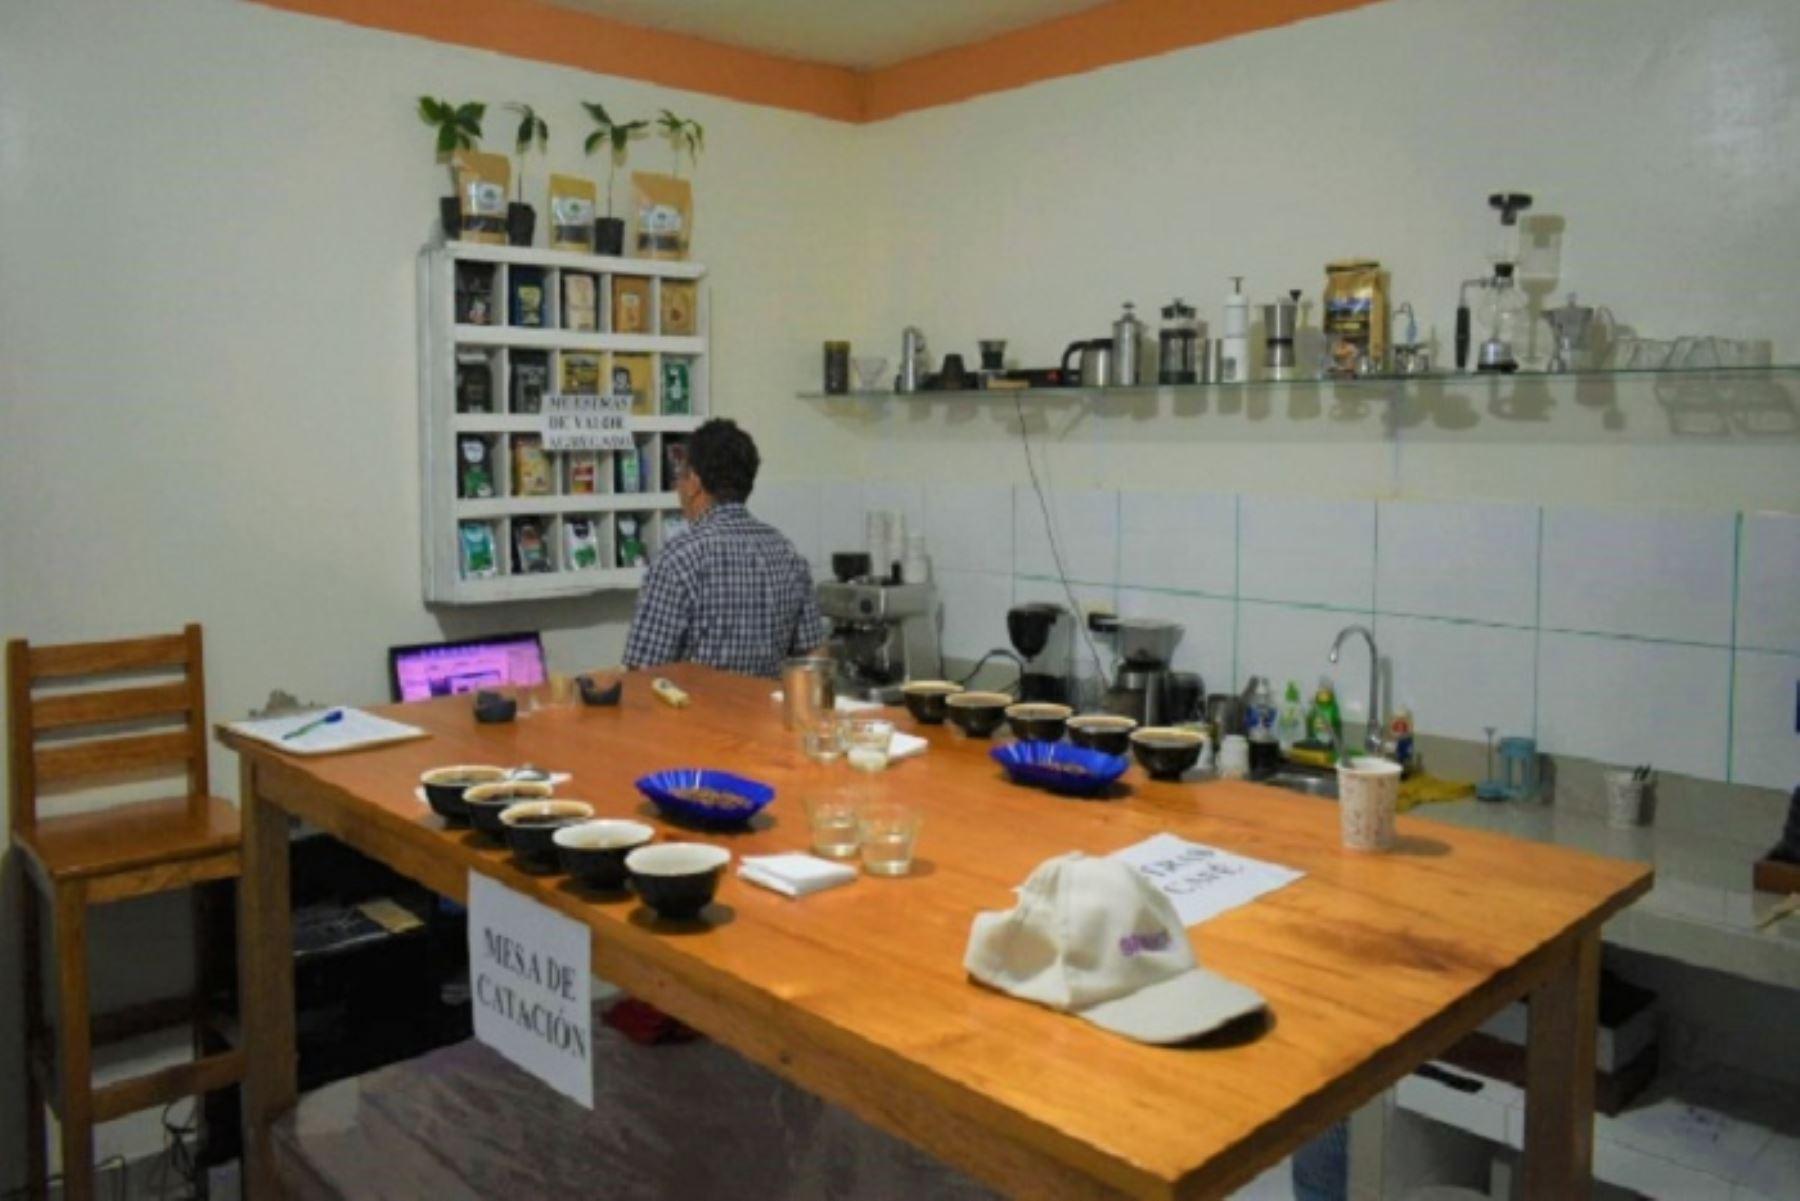 Implementación del laboratorio demandó una inversión de S/ 24,600 para la adquisición de equipos modernos de tostadora y piladora de muestras, mesa para catación, sarandas de café, y el material requerido para todo un equipo encargados de la acreditación de la excelencia del café, calificar los defectos y atributos organolépticos de los granos.